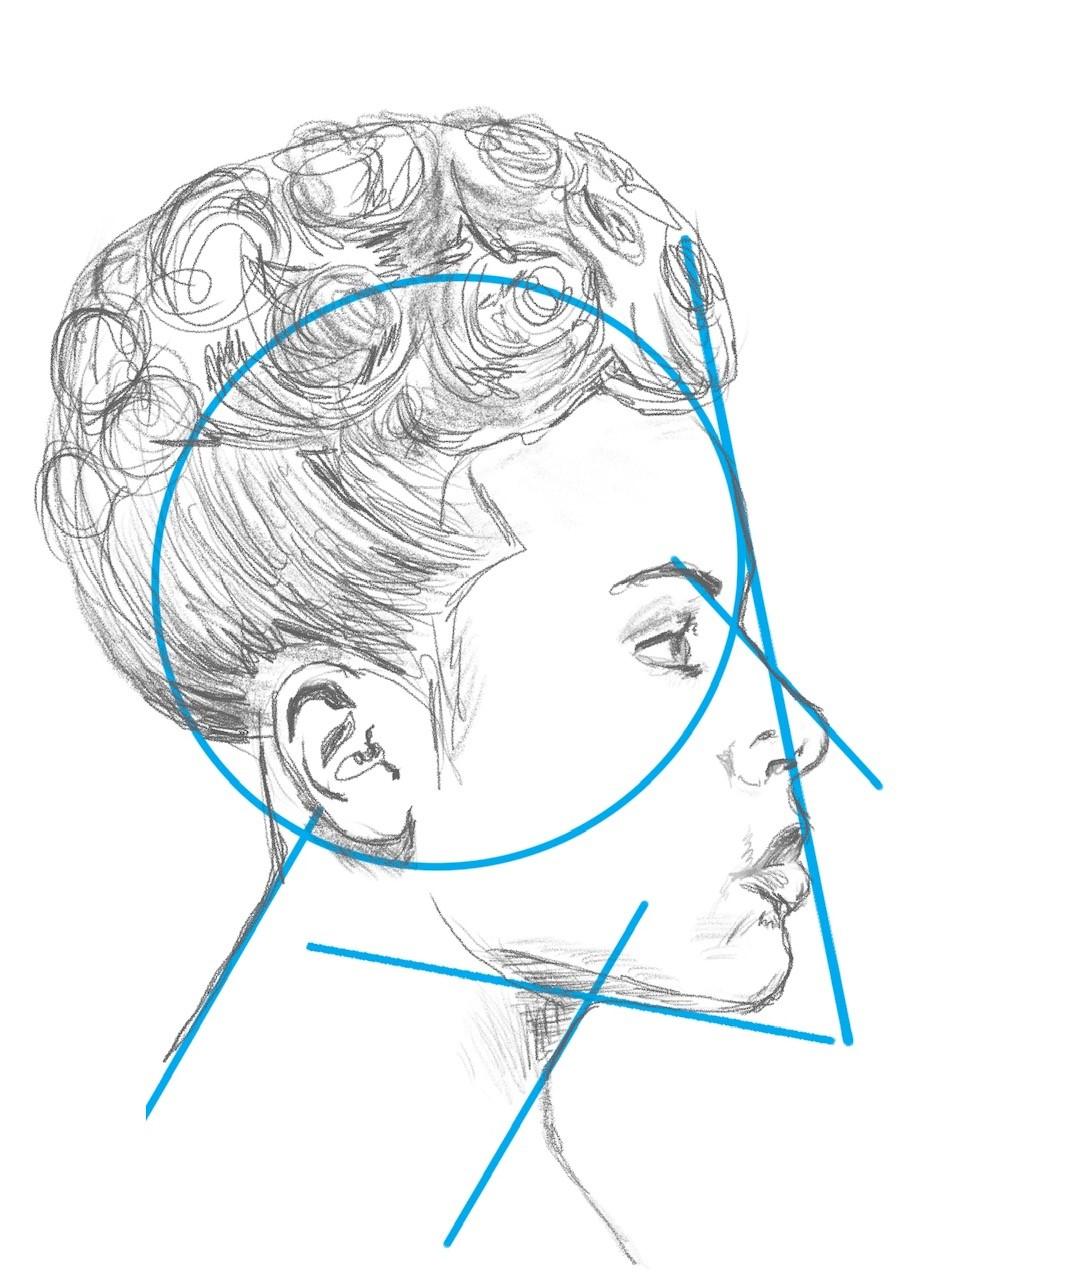 Kopf zeichnen Profil